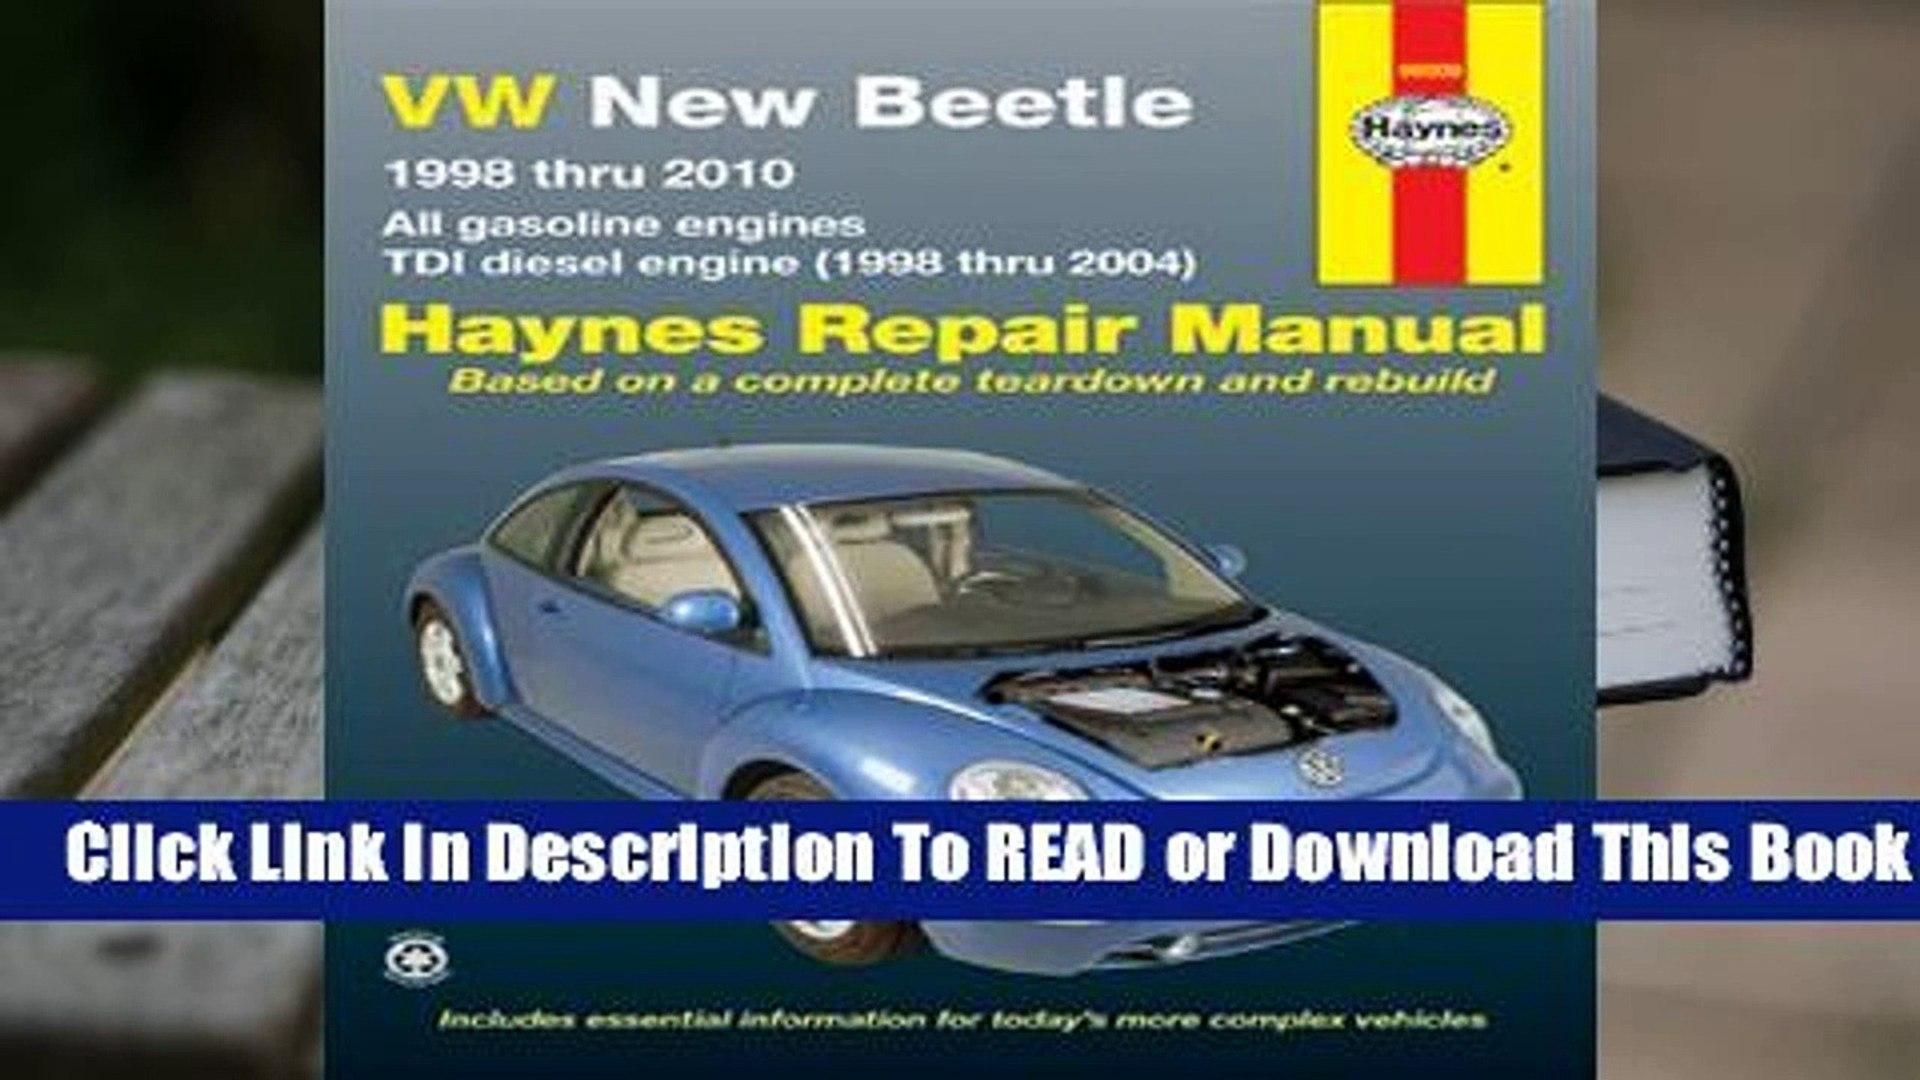 Online VW New Beetle 1998 thru 2010: All gasoline engines - TDI diesel engine (1998 thru 2004)